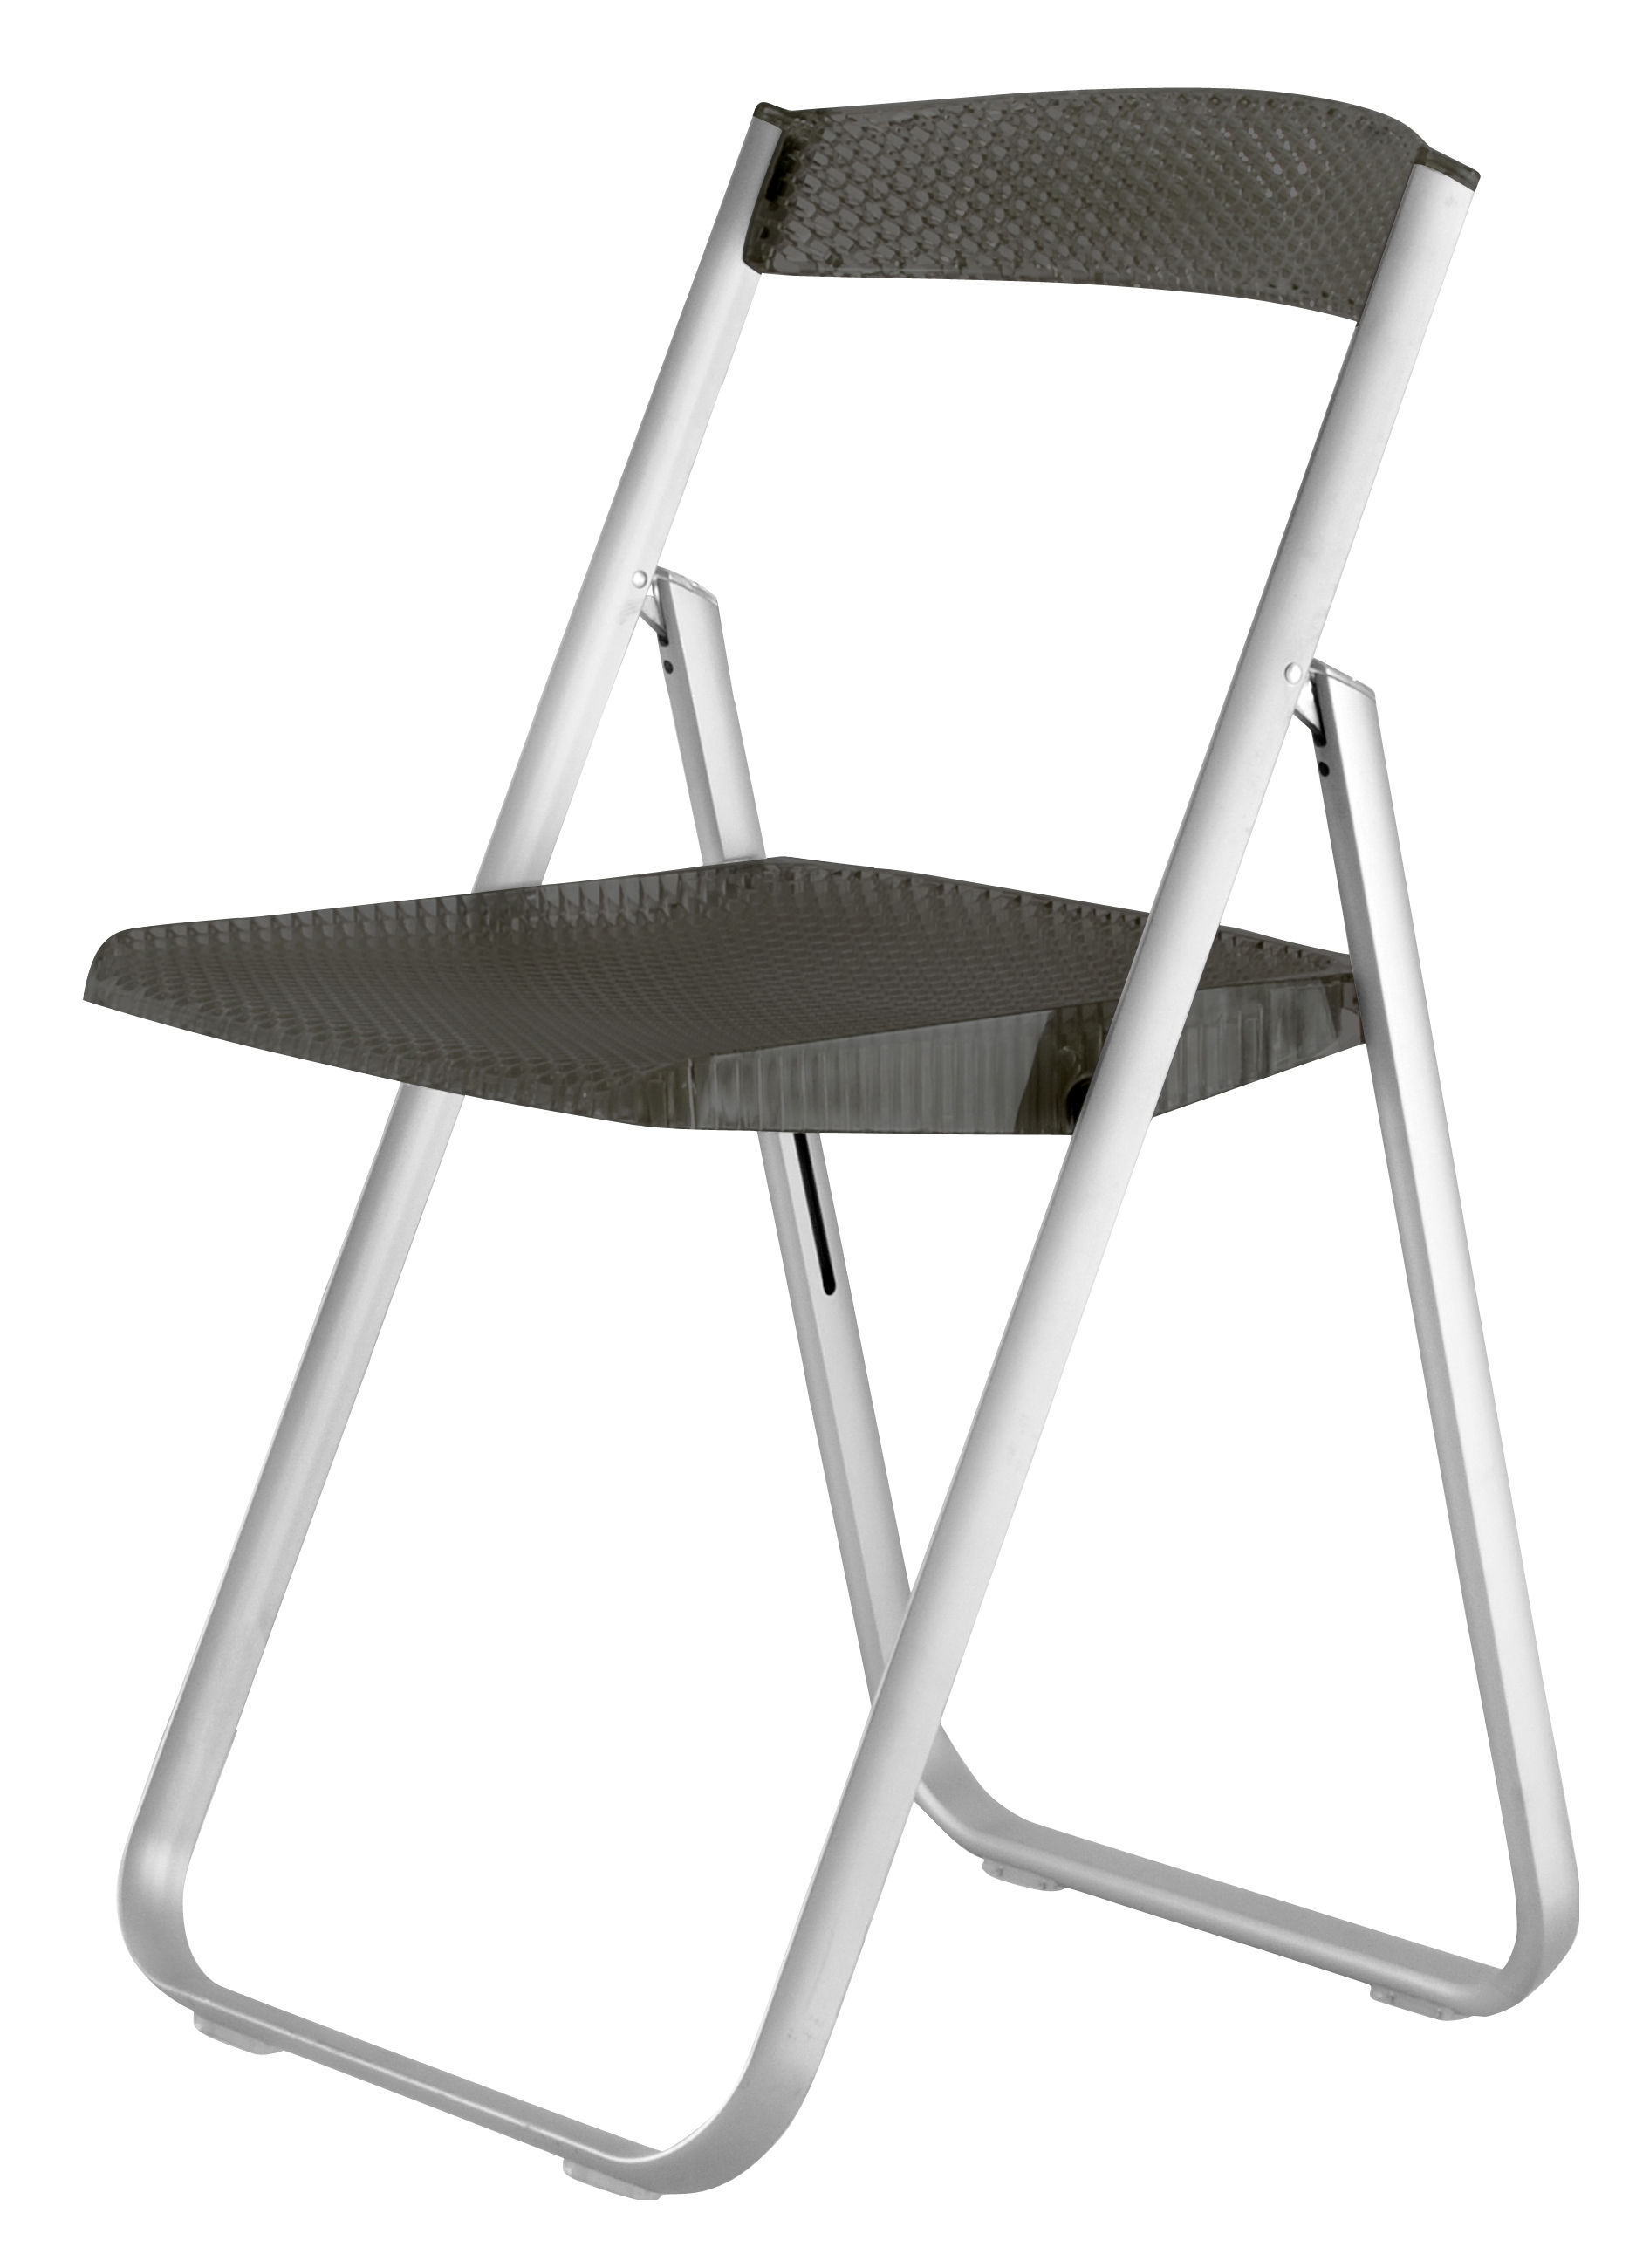 Mobilier - Chaises, fauteuils de salle à manger - Chaise pliante Honeycomb / Polycarbonate & structure métal - Kartell - Fumé - Aluminium anodisé, Polycarbonate